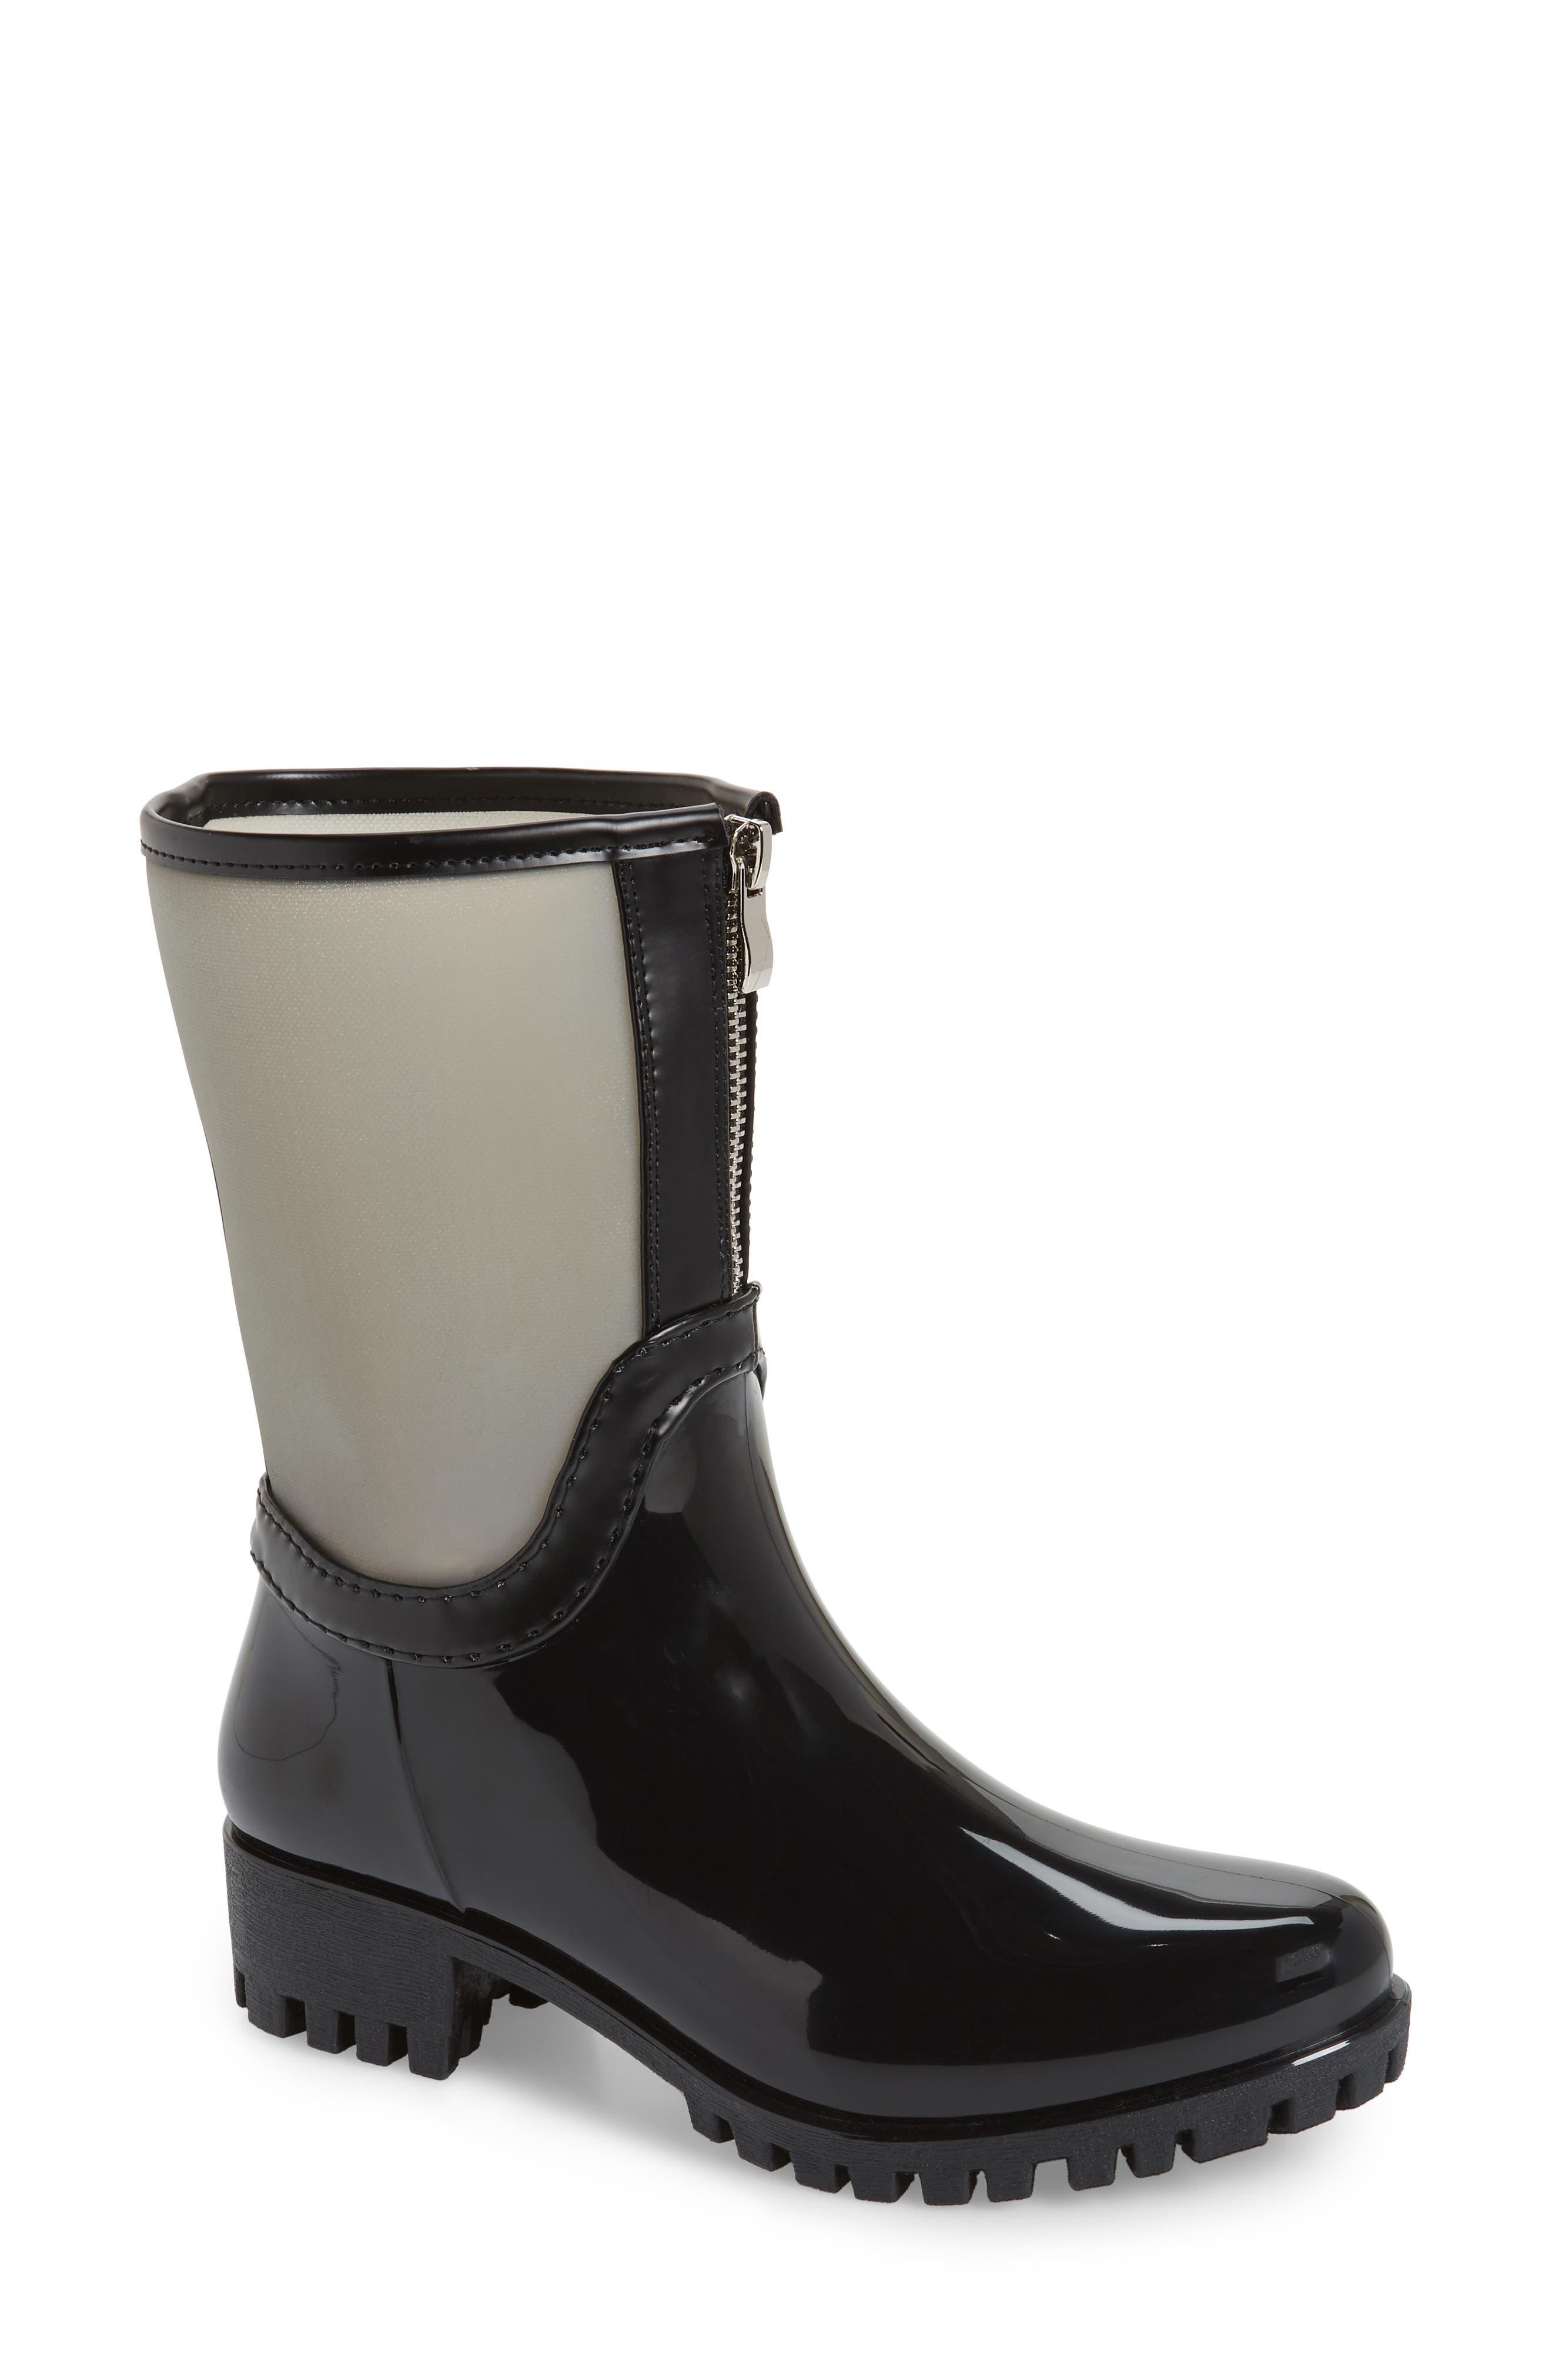 Dav Dryden Sheer Waterproof Boot, Grey